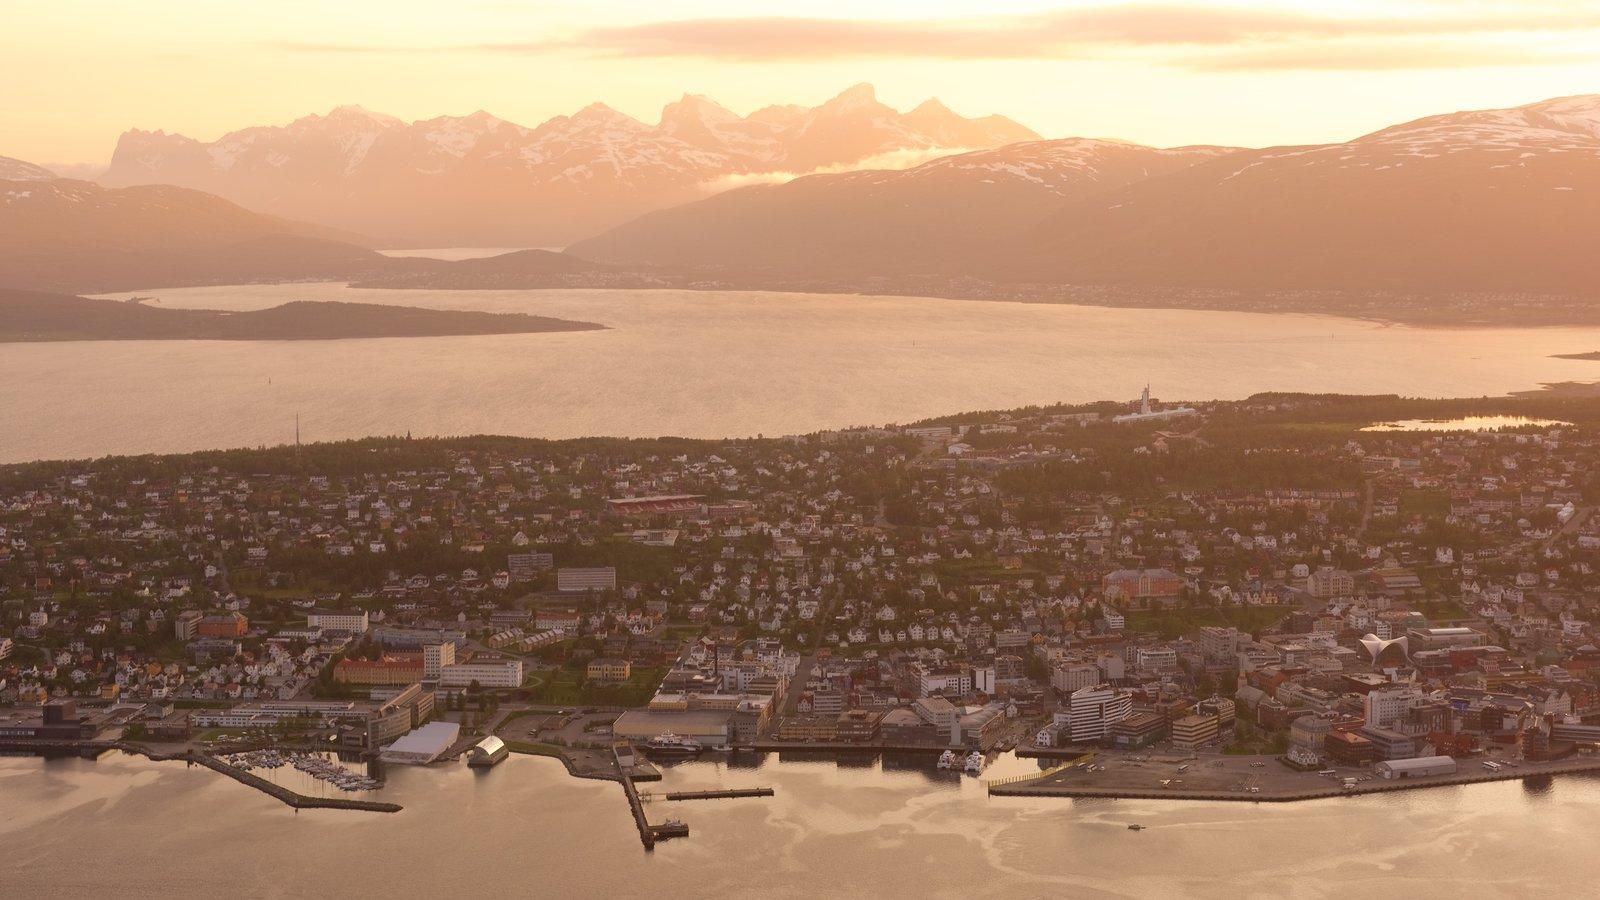 Tromso caracterizando um lago ou charco, um pôr do sol e uma cidade pequena ou vila